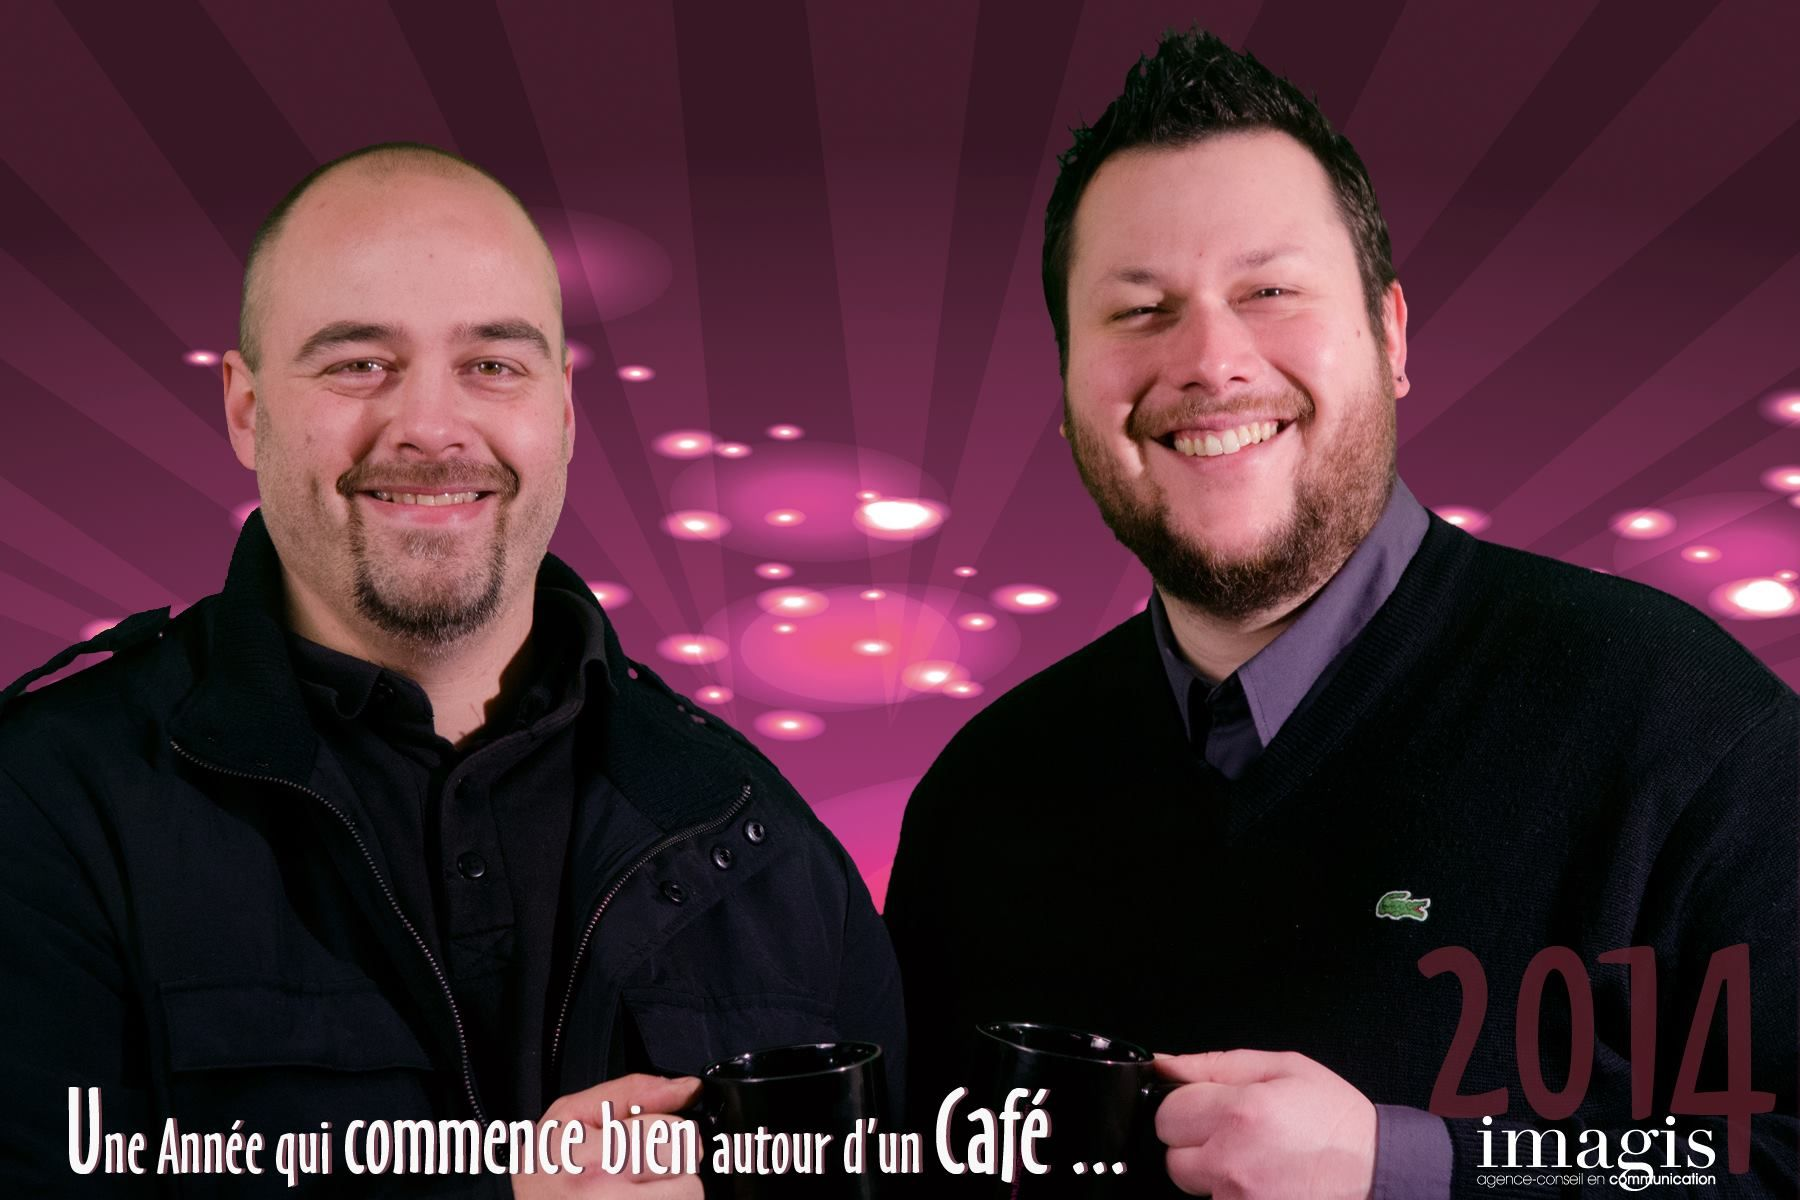 #café #agencedecom #imagis #dunkerque #bonneanne #2014 #vendredi Une année qui commence bien autour d'un café.  2014